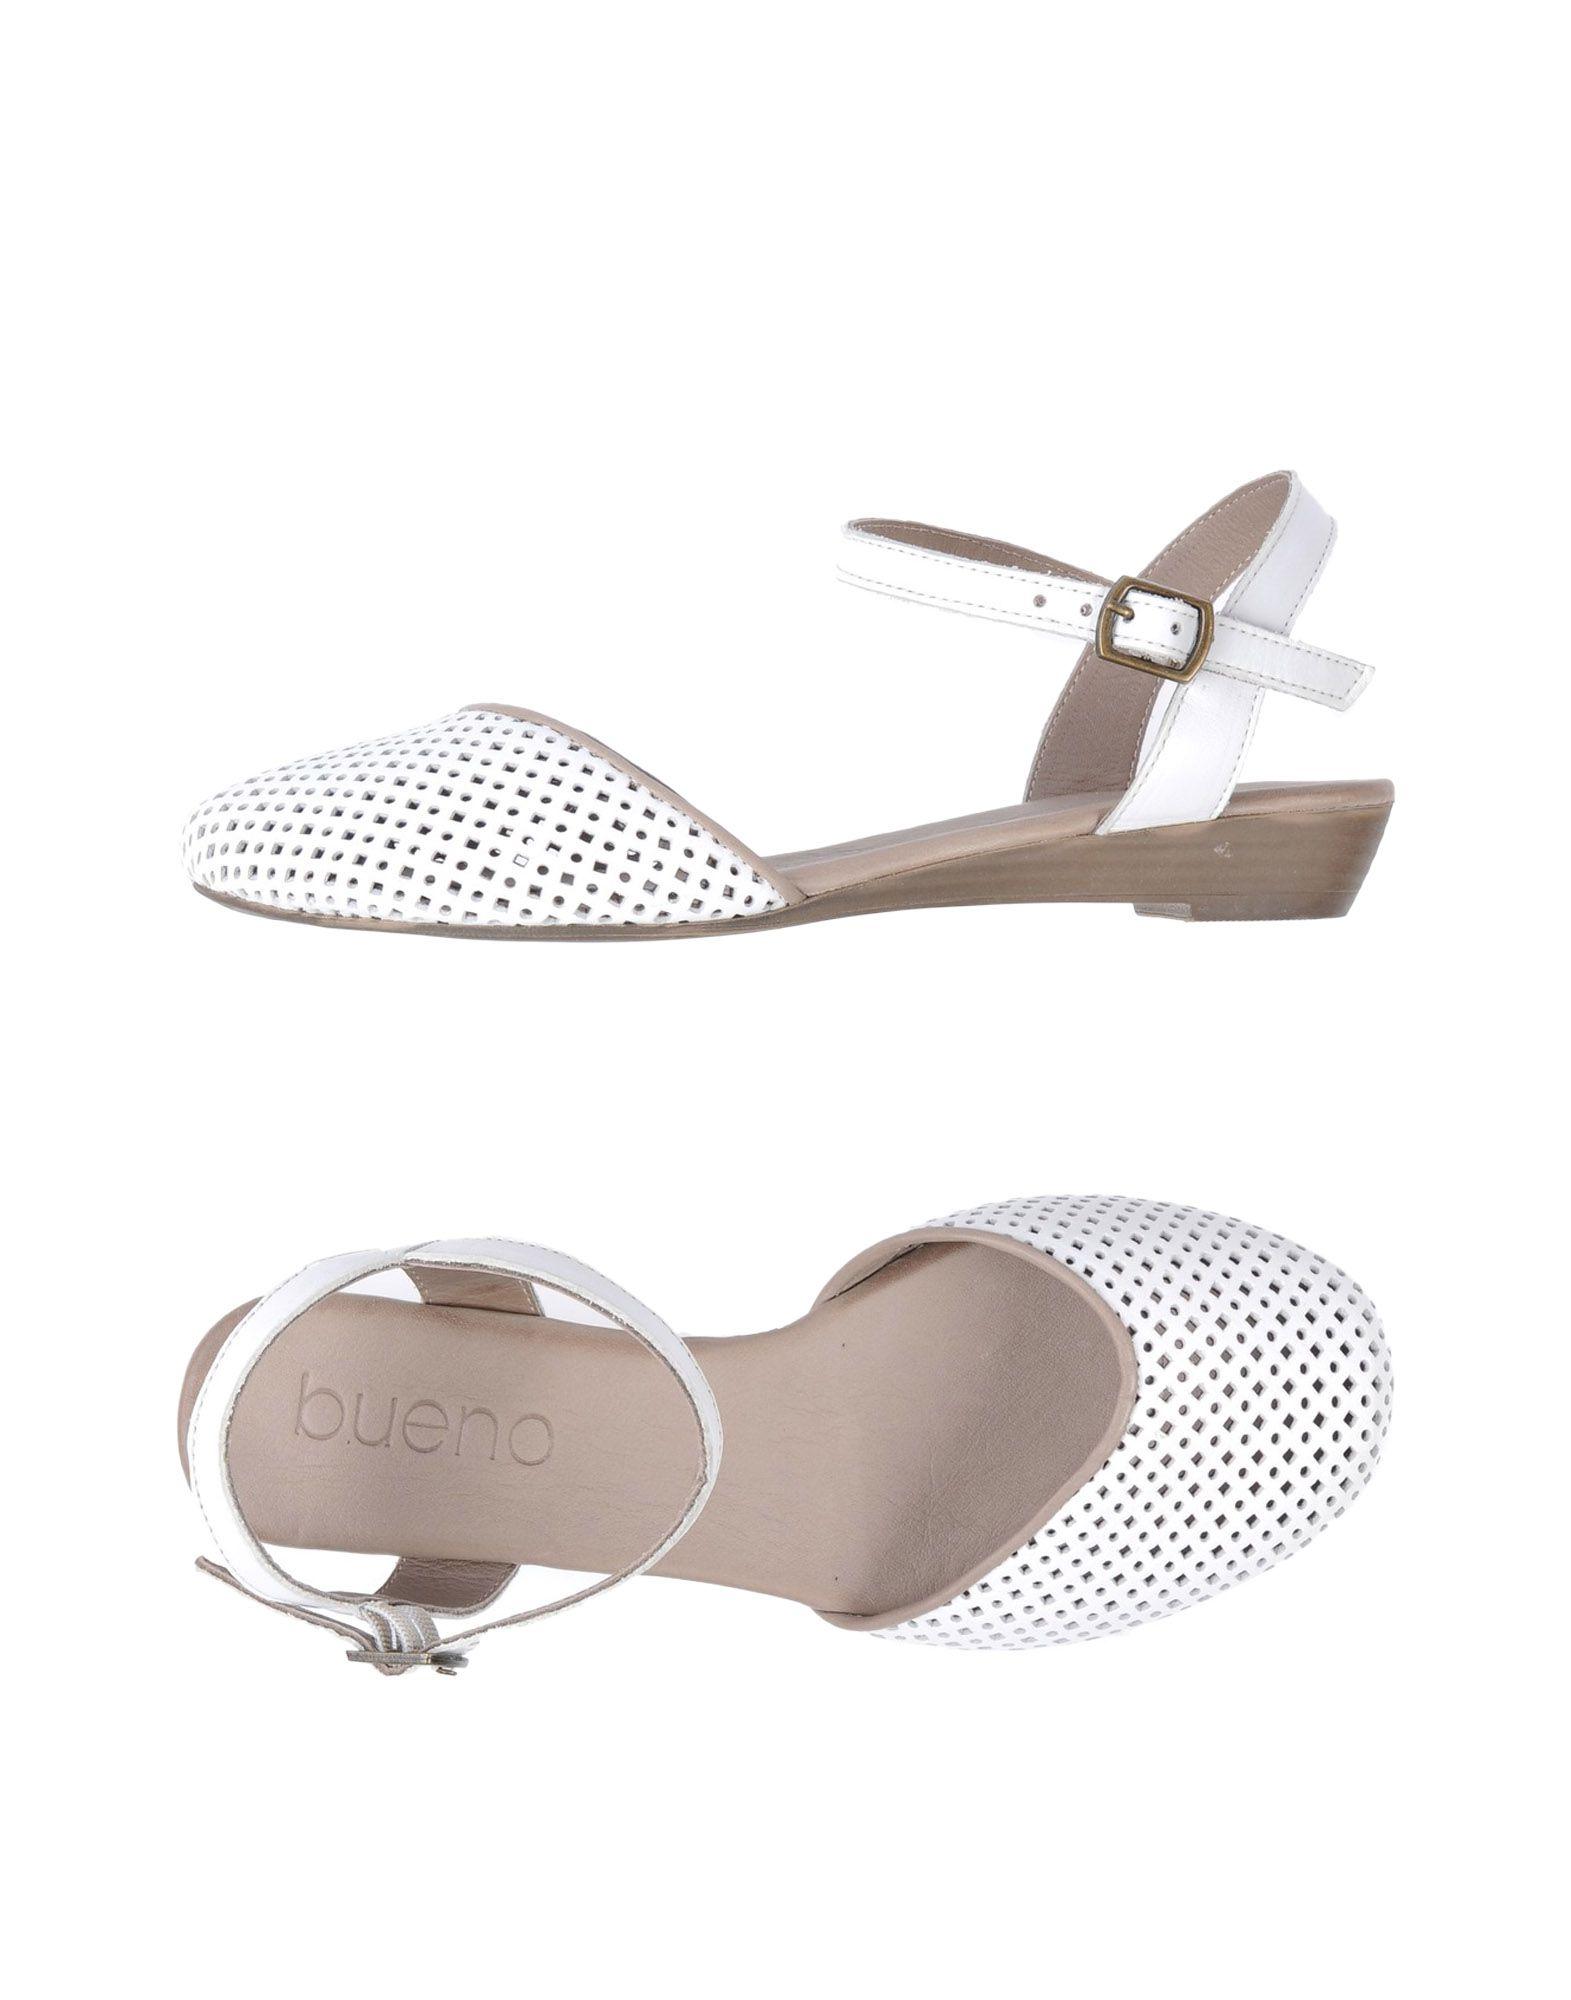 Bueno Gute Ballerinas Damen  11213869WQ Gute Bueno Qualität beliebte Schuhe bf5249